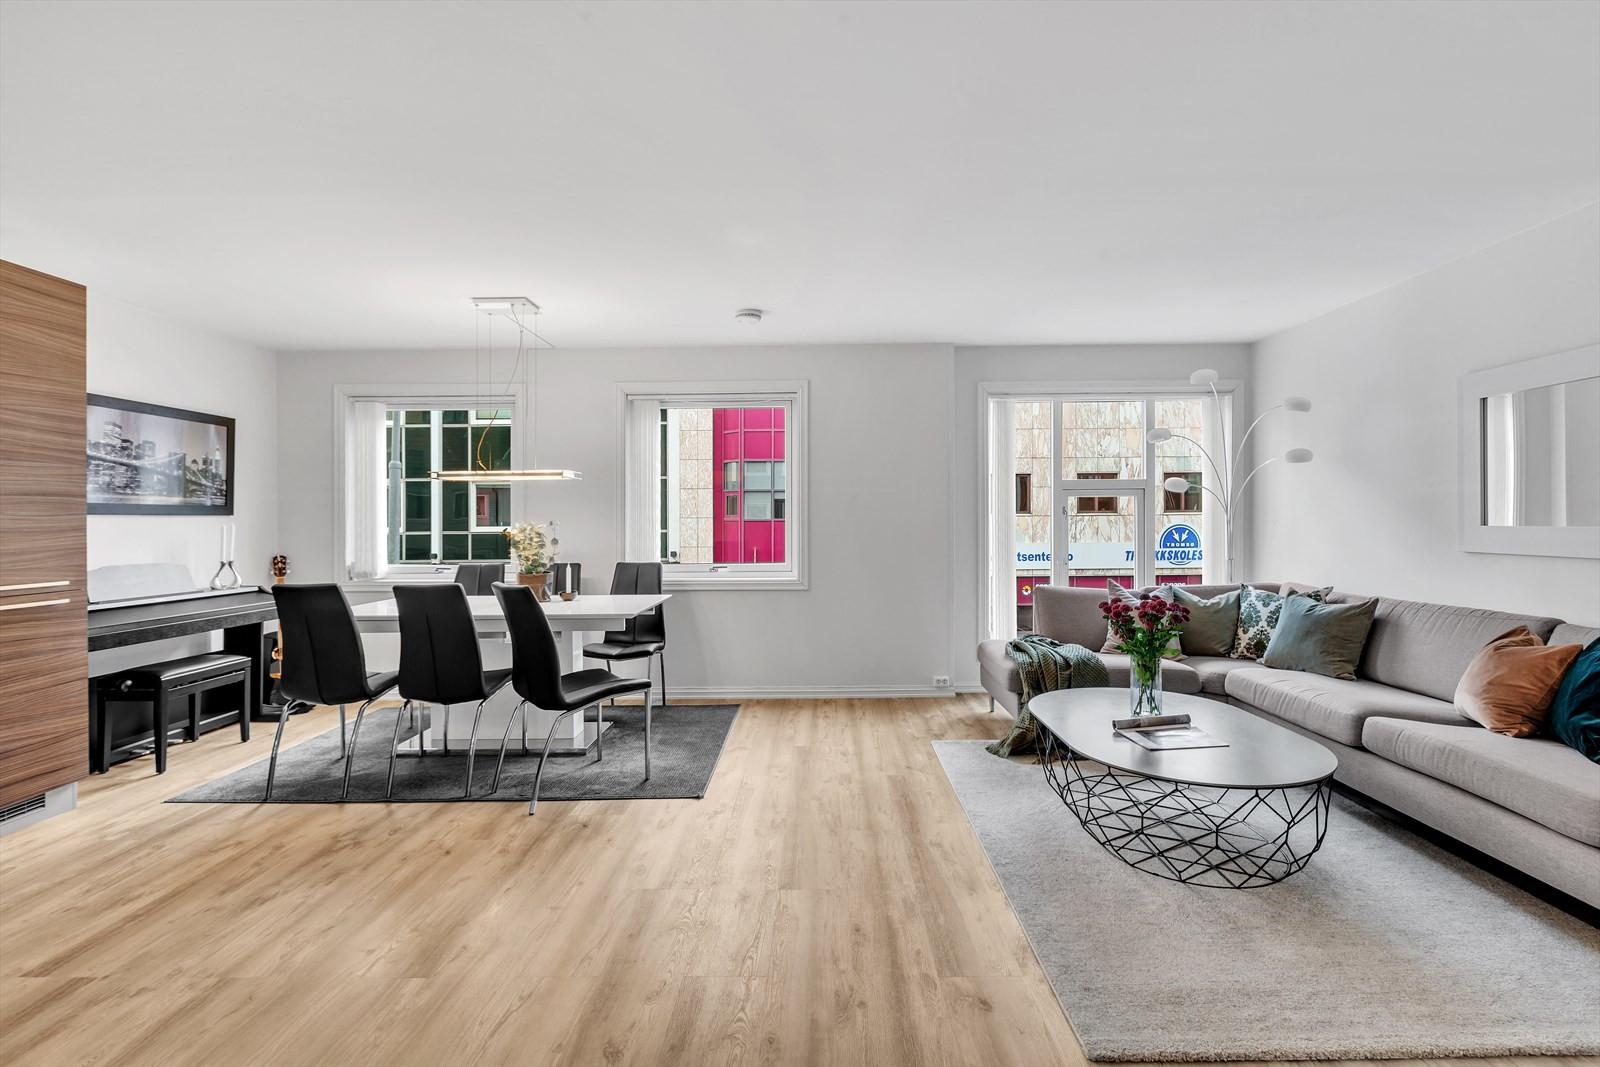 Lyst oppholdsrom med plass til mye møbler